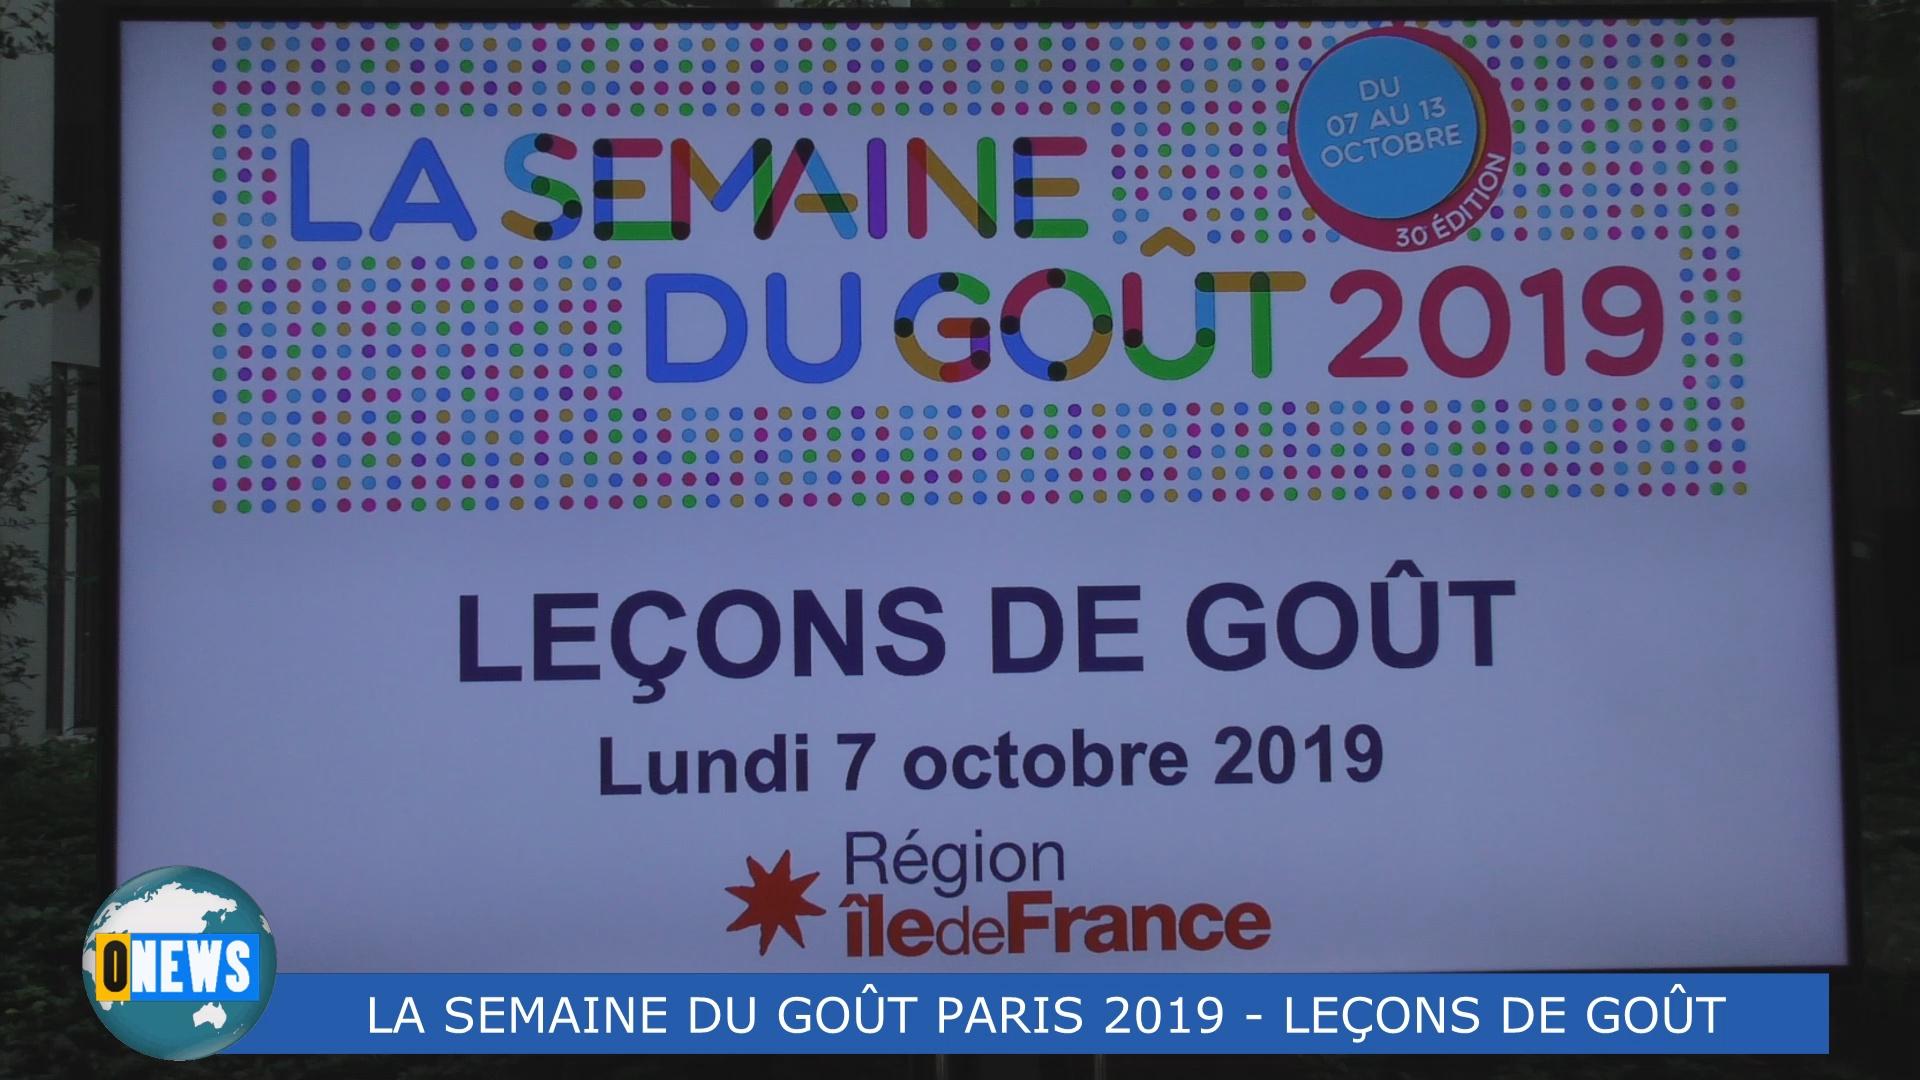 [Vidéo] HEXAGONE. La Semaine du Goût à la Région Ile de France avec Babette de ROZIERES